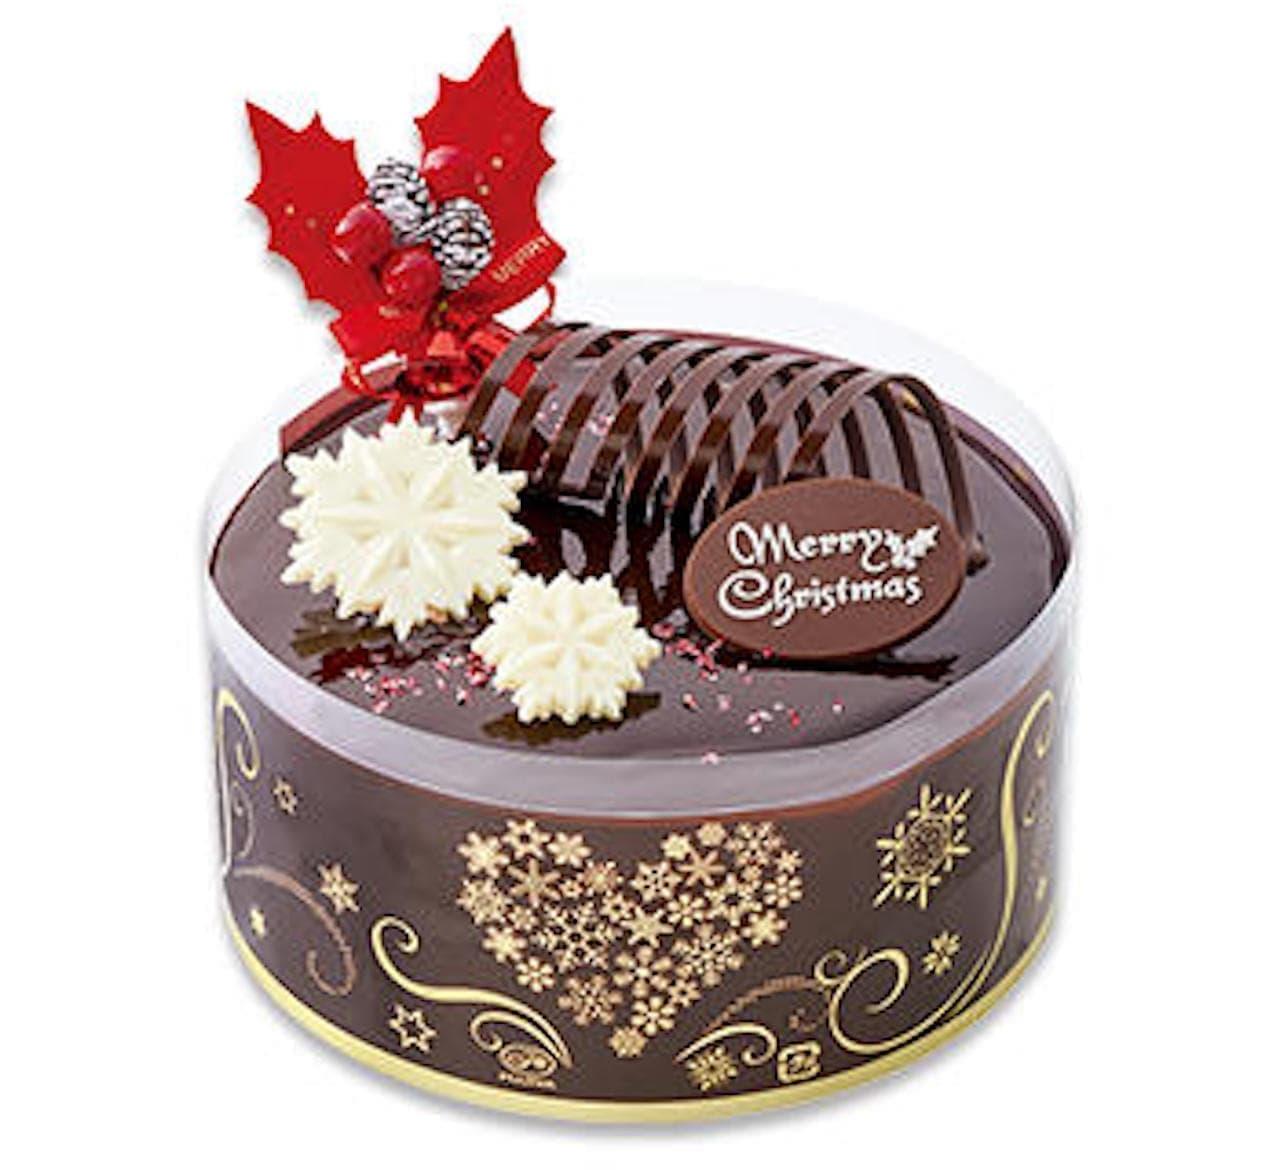 シャトレーゼ「クリスマスプレミアムショコラケーキ」